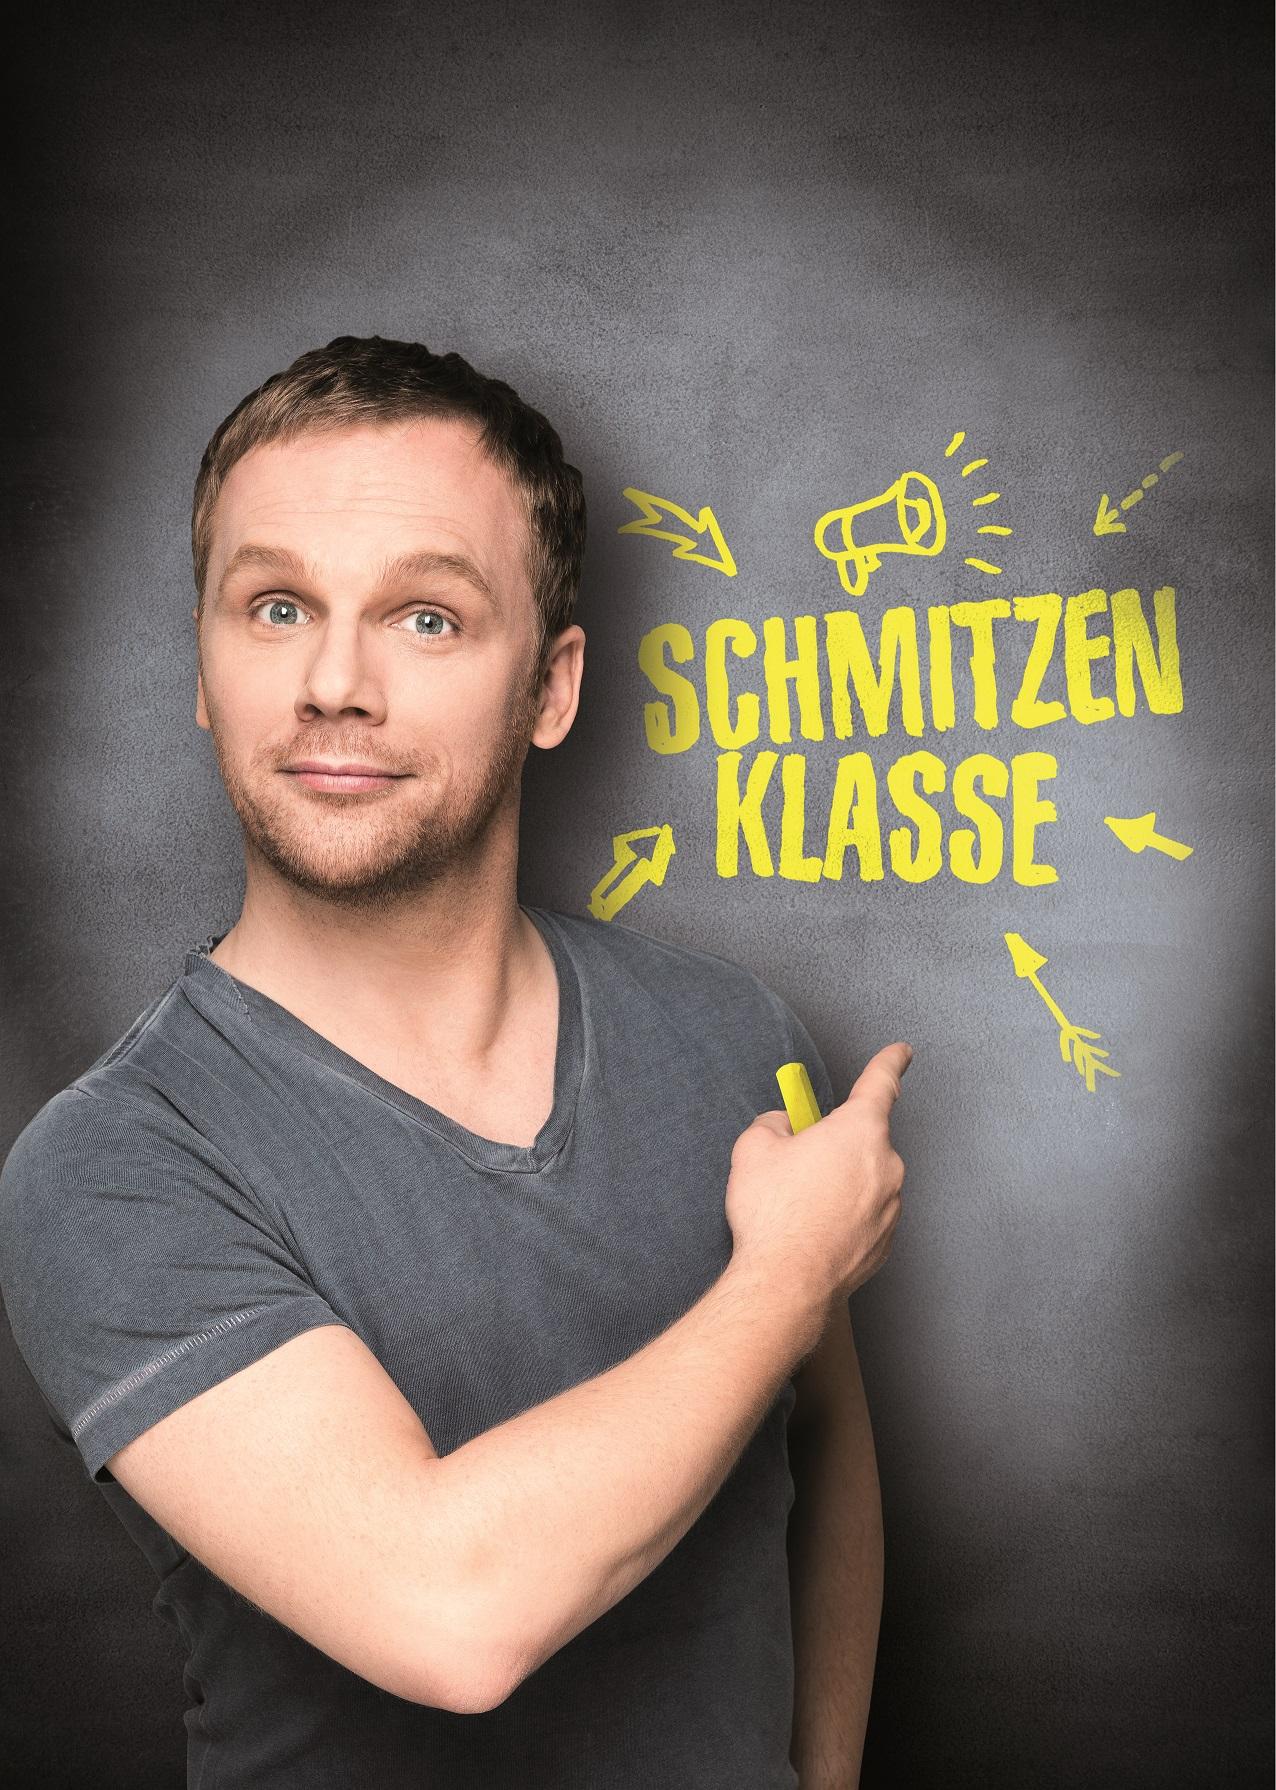 Ralf Schmitz_SCHMITZENKLASSE_Pressefoto_Foto_ Robert_Recker_1,5 MB